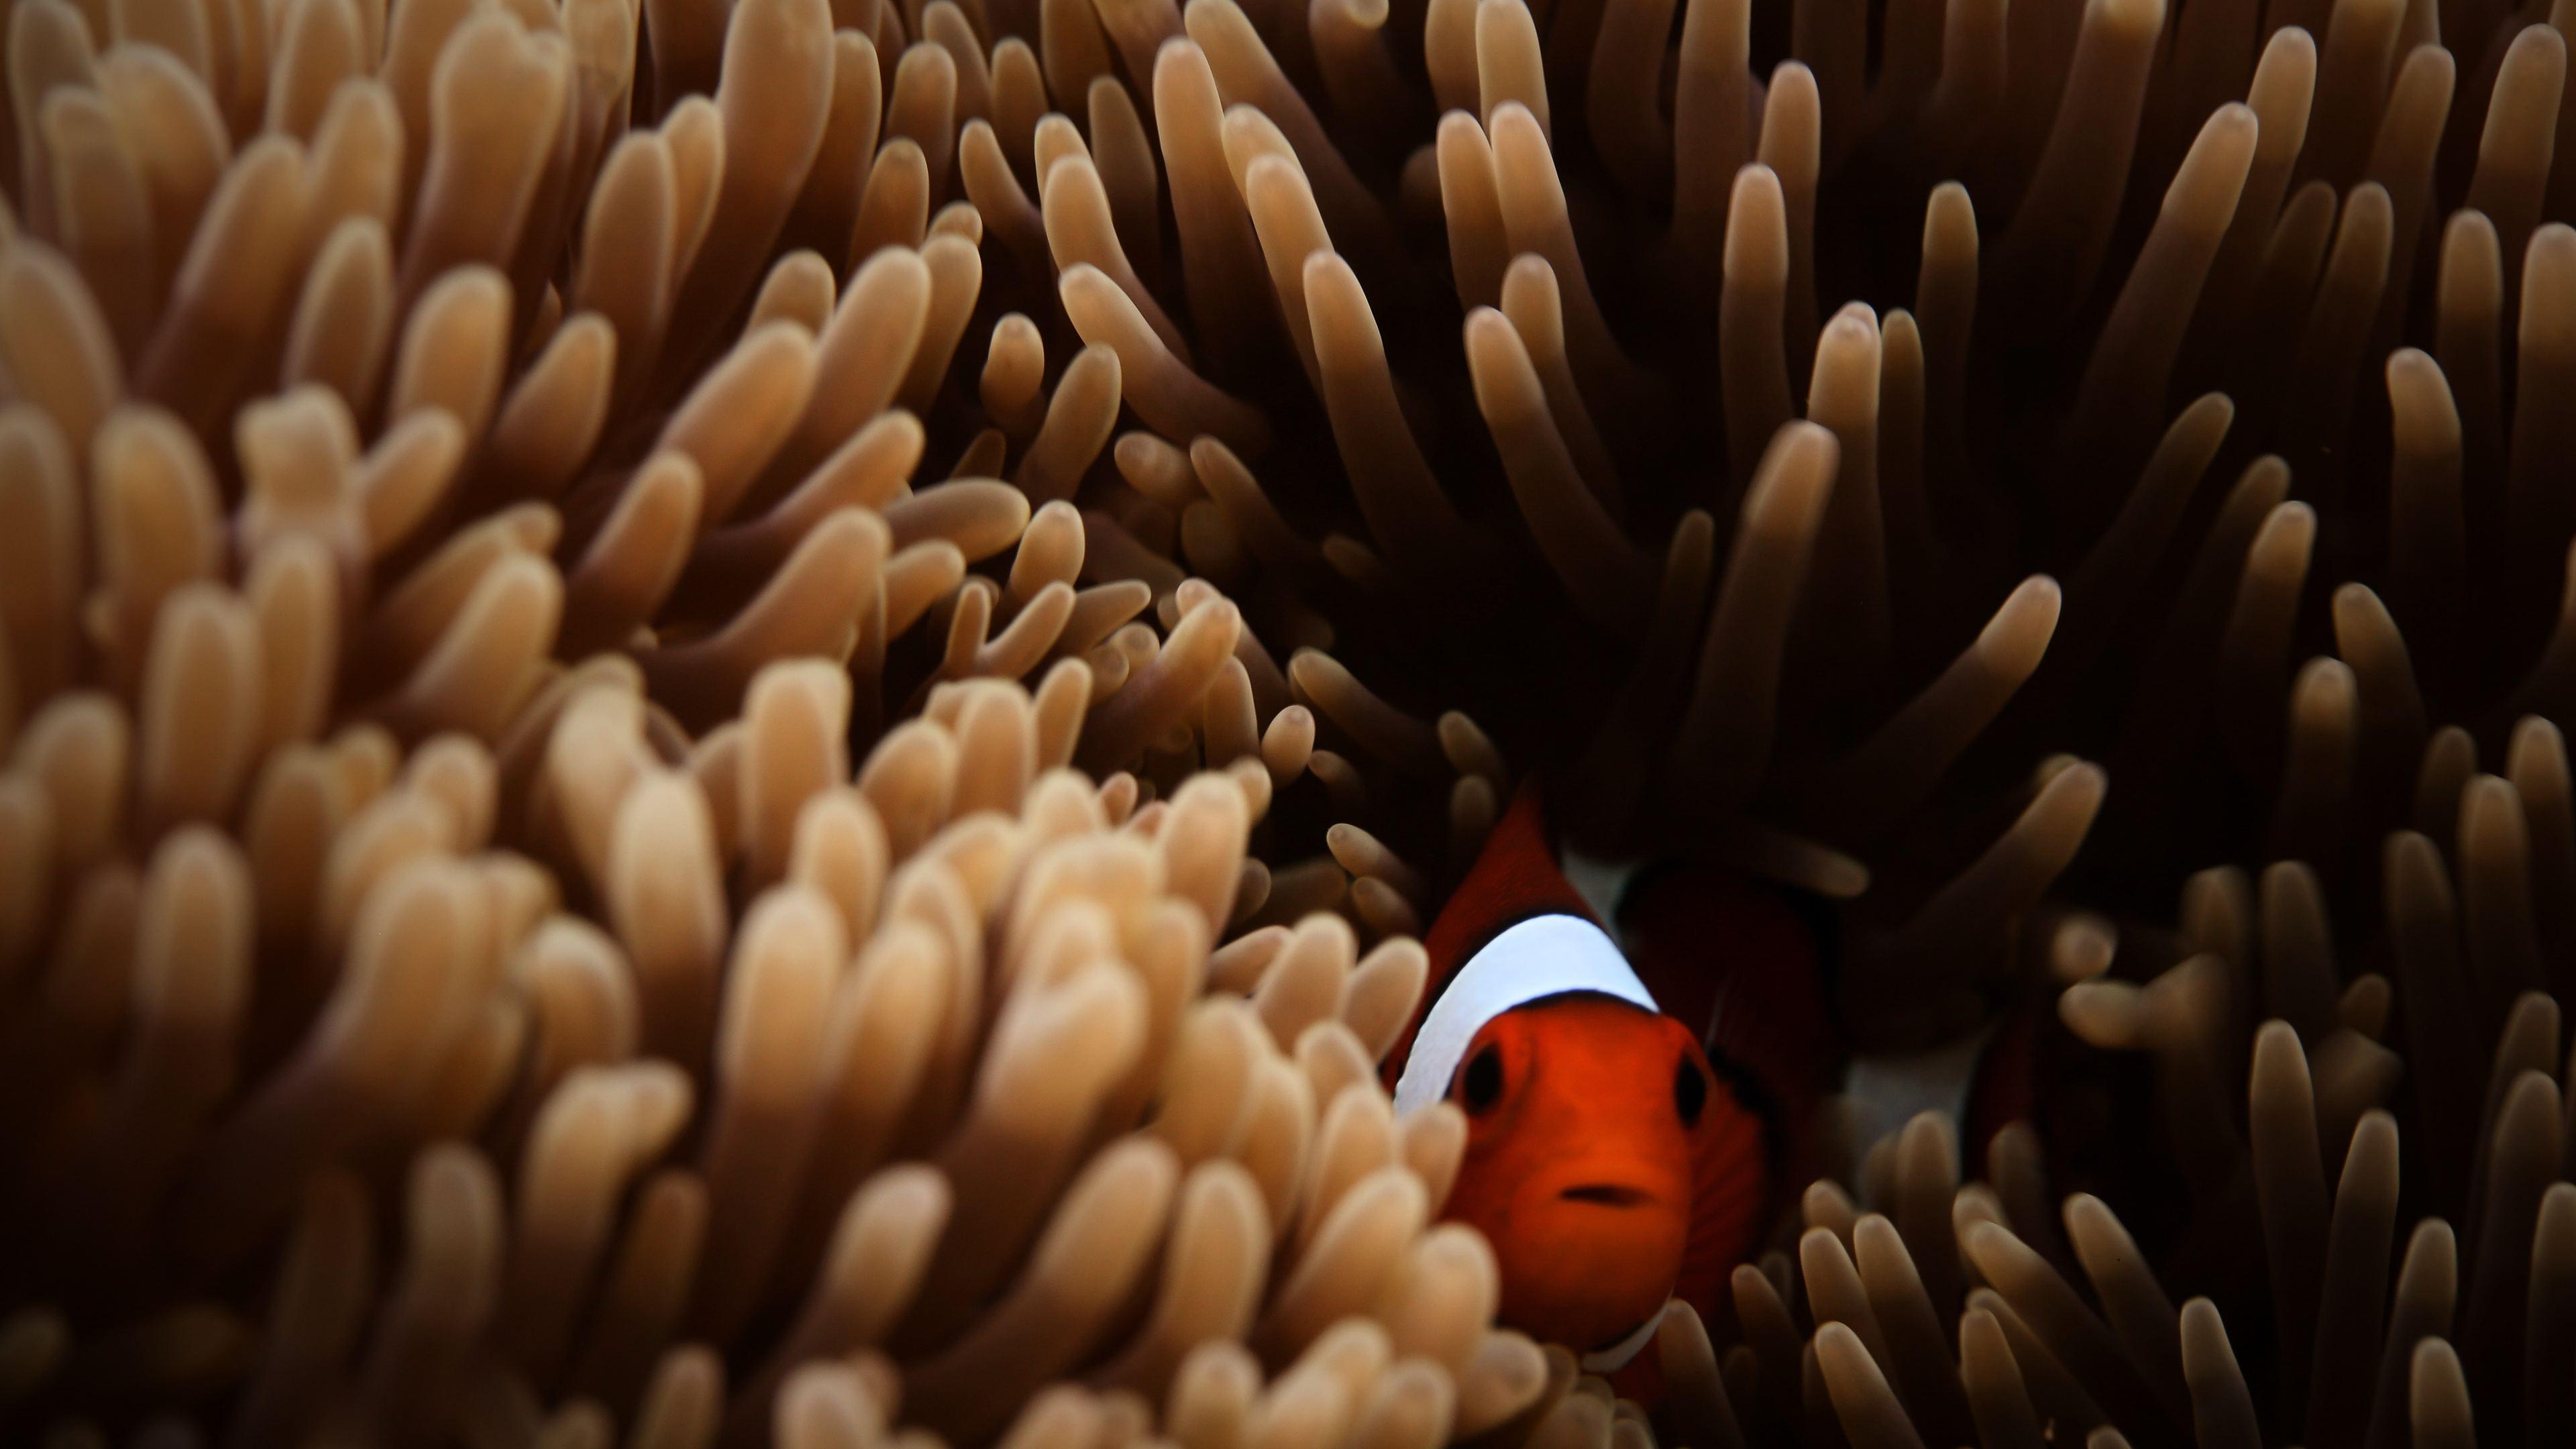 clownfish sea 4k 1542239627 - Clownfish Sea 4k - hd-wallpapers, fish wallpapers, clownfish wallpapers, animals wallpapers, 4k-wallpapers